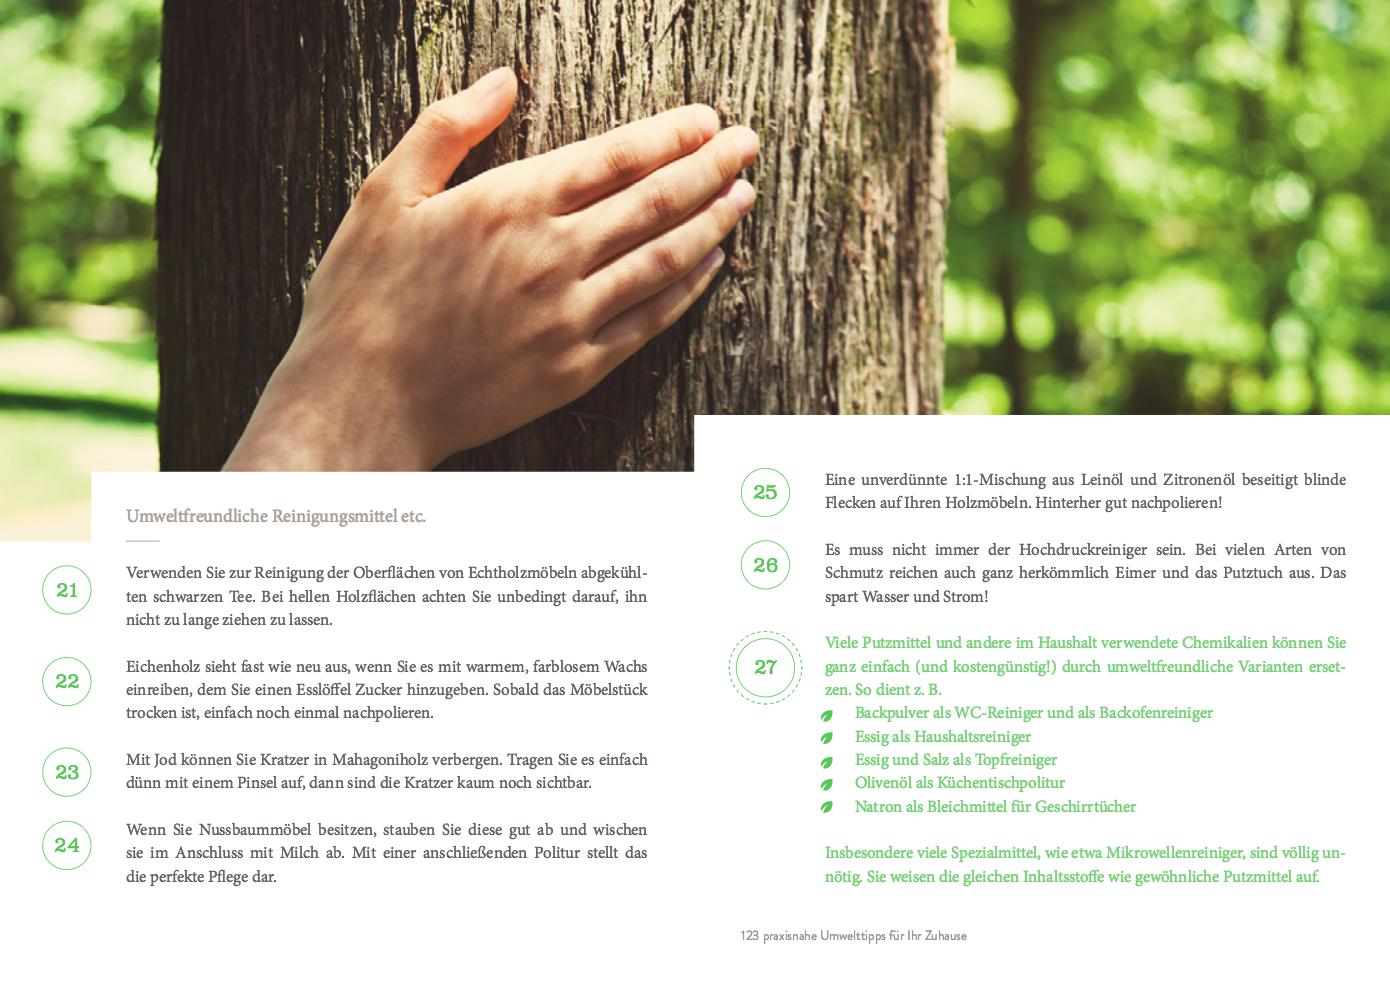 123 tipps zum effektiven umweltschutz im haushalt | umwelt